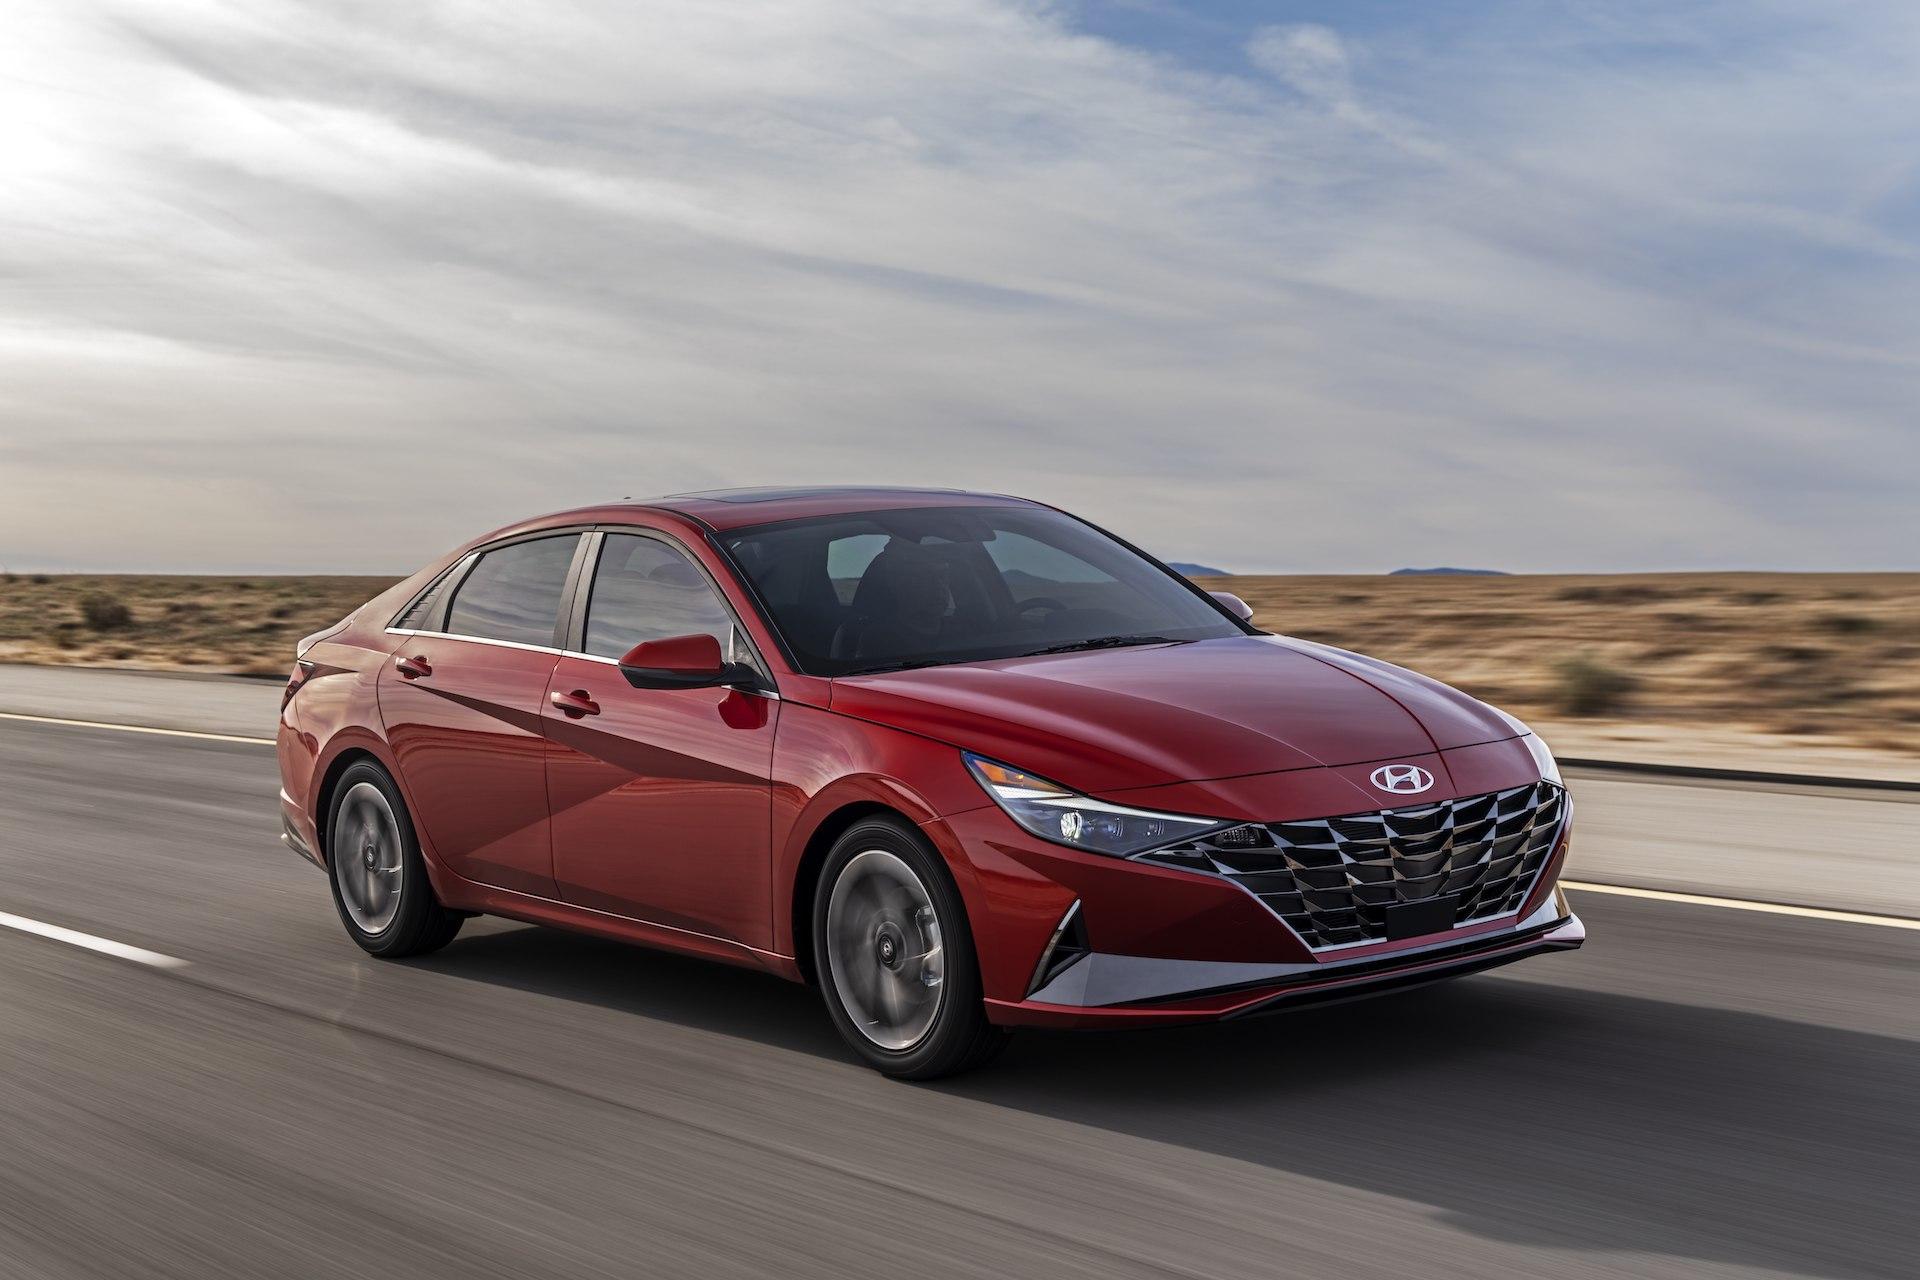 2021 hyundai elantra preview  auto informers